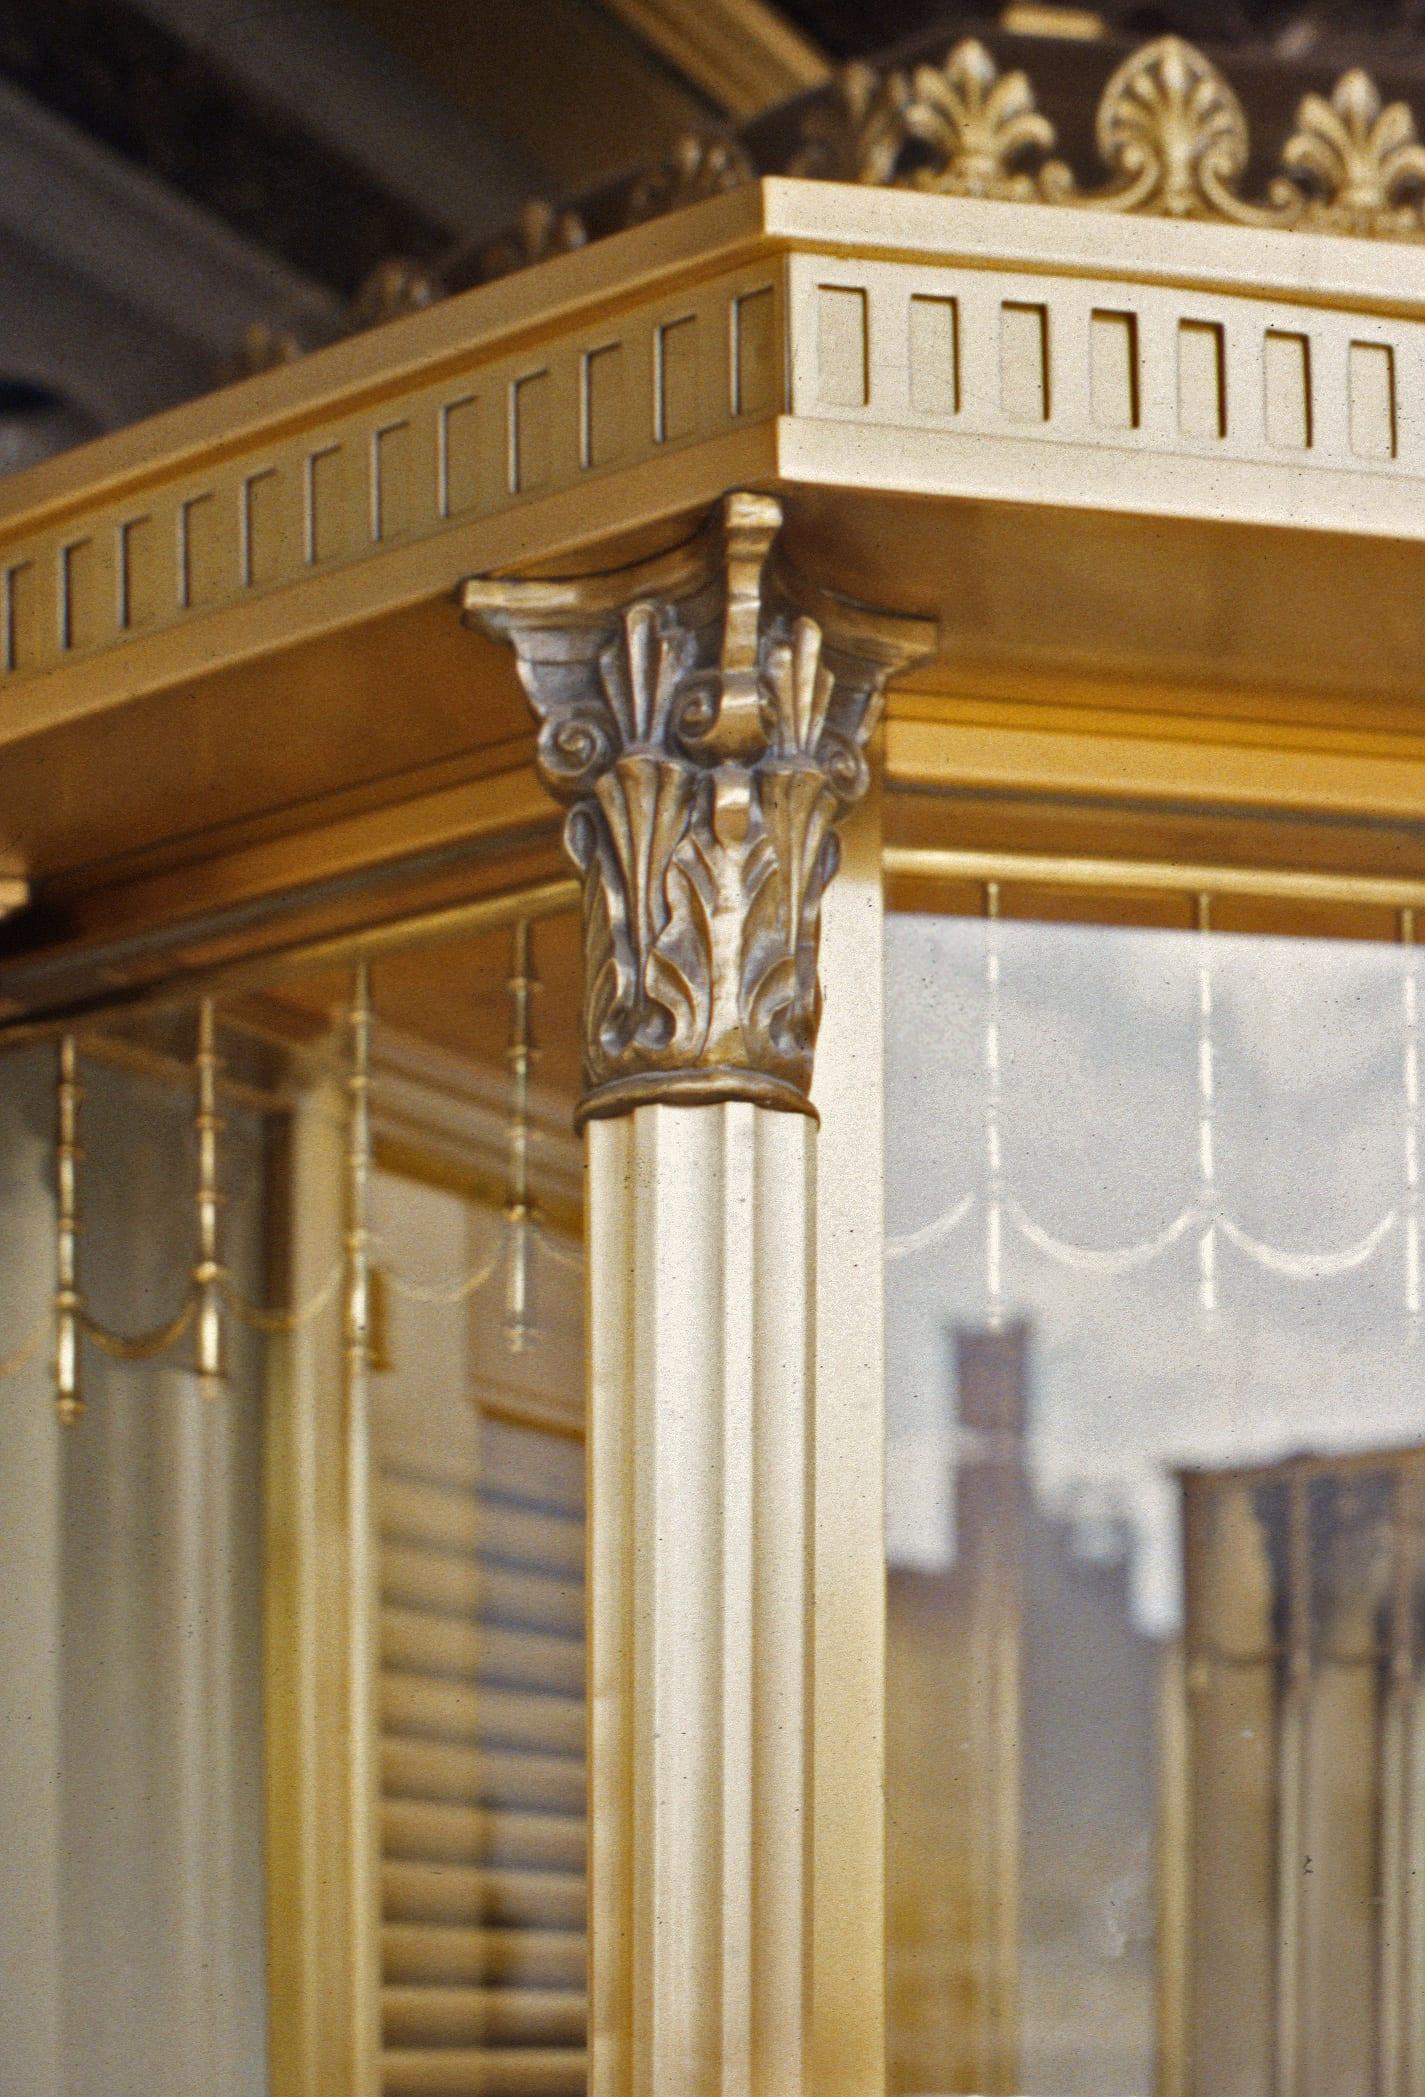 Detail of the cast bronze, brass and sheet Muntz Metal fabrication.